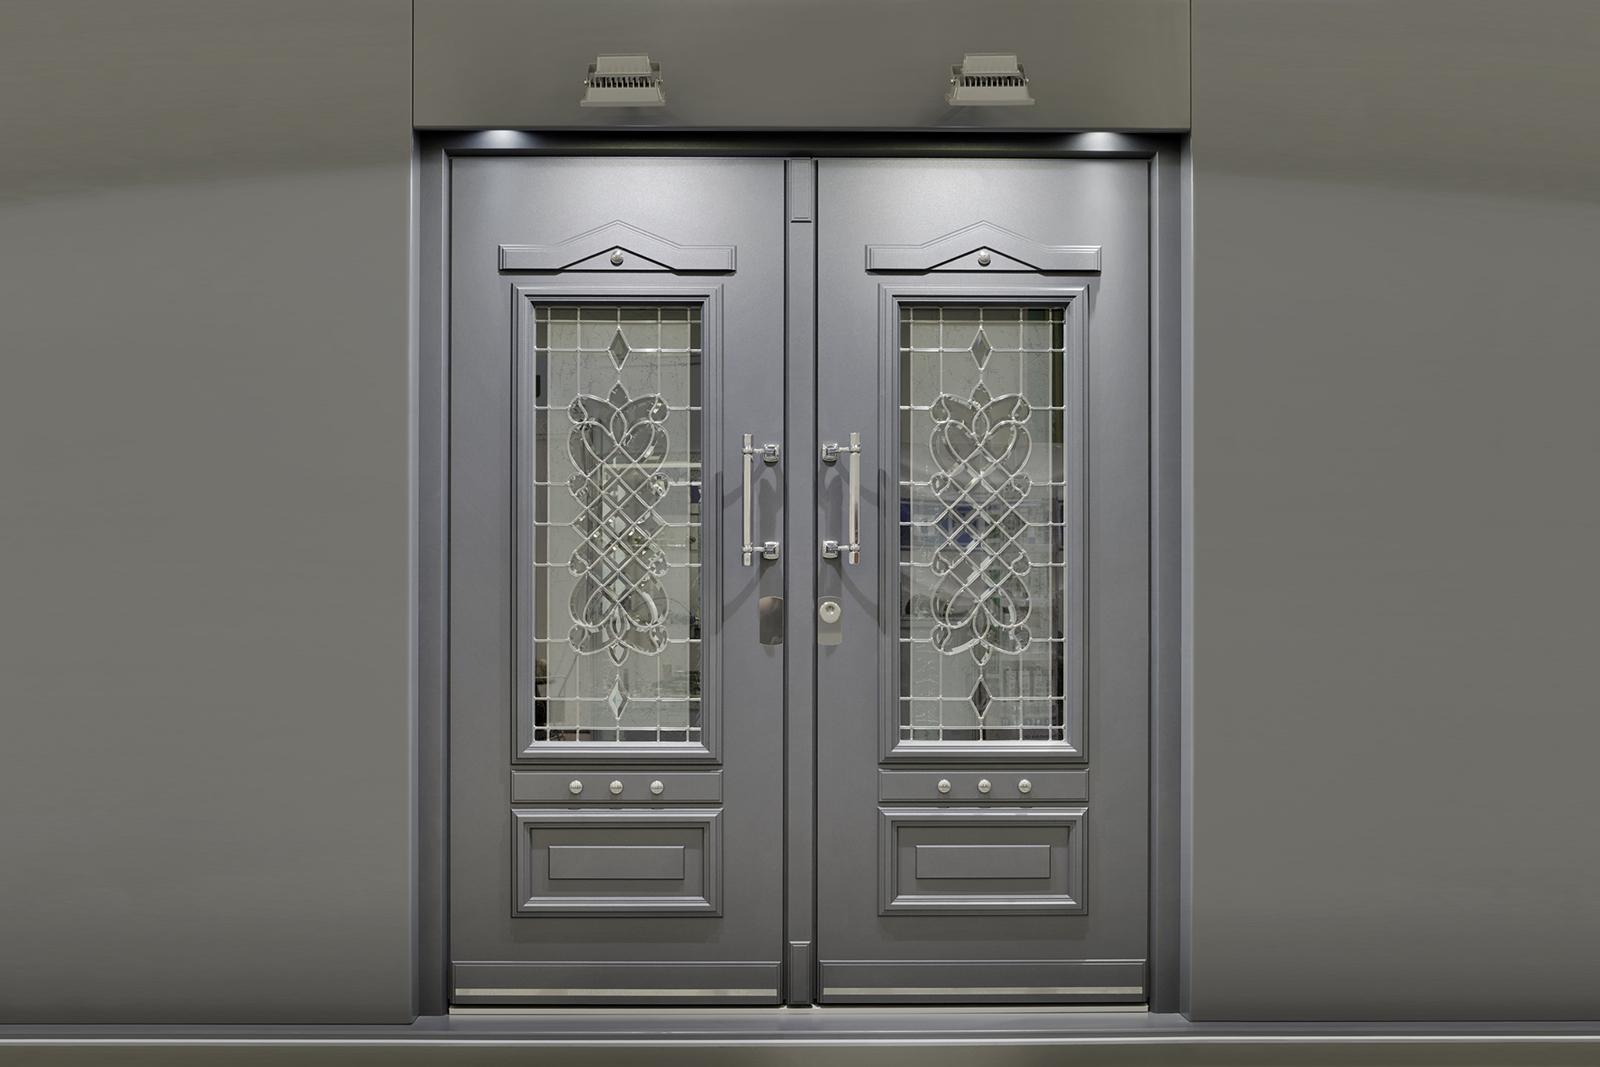 Steel Security Storm Doors